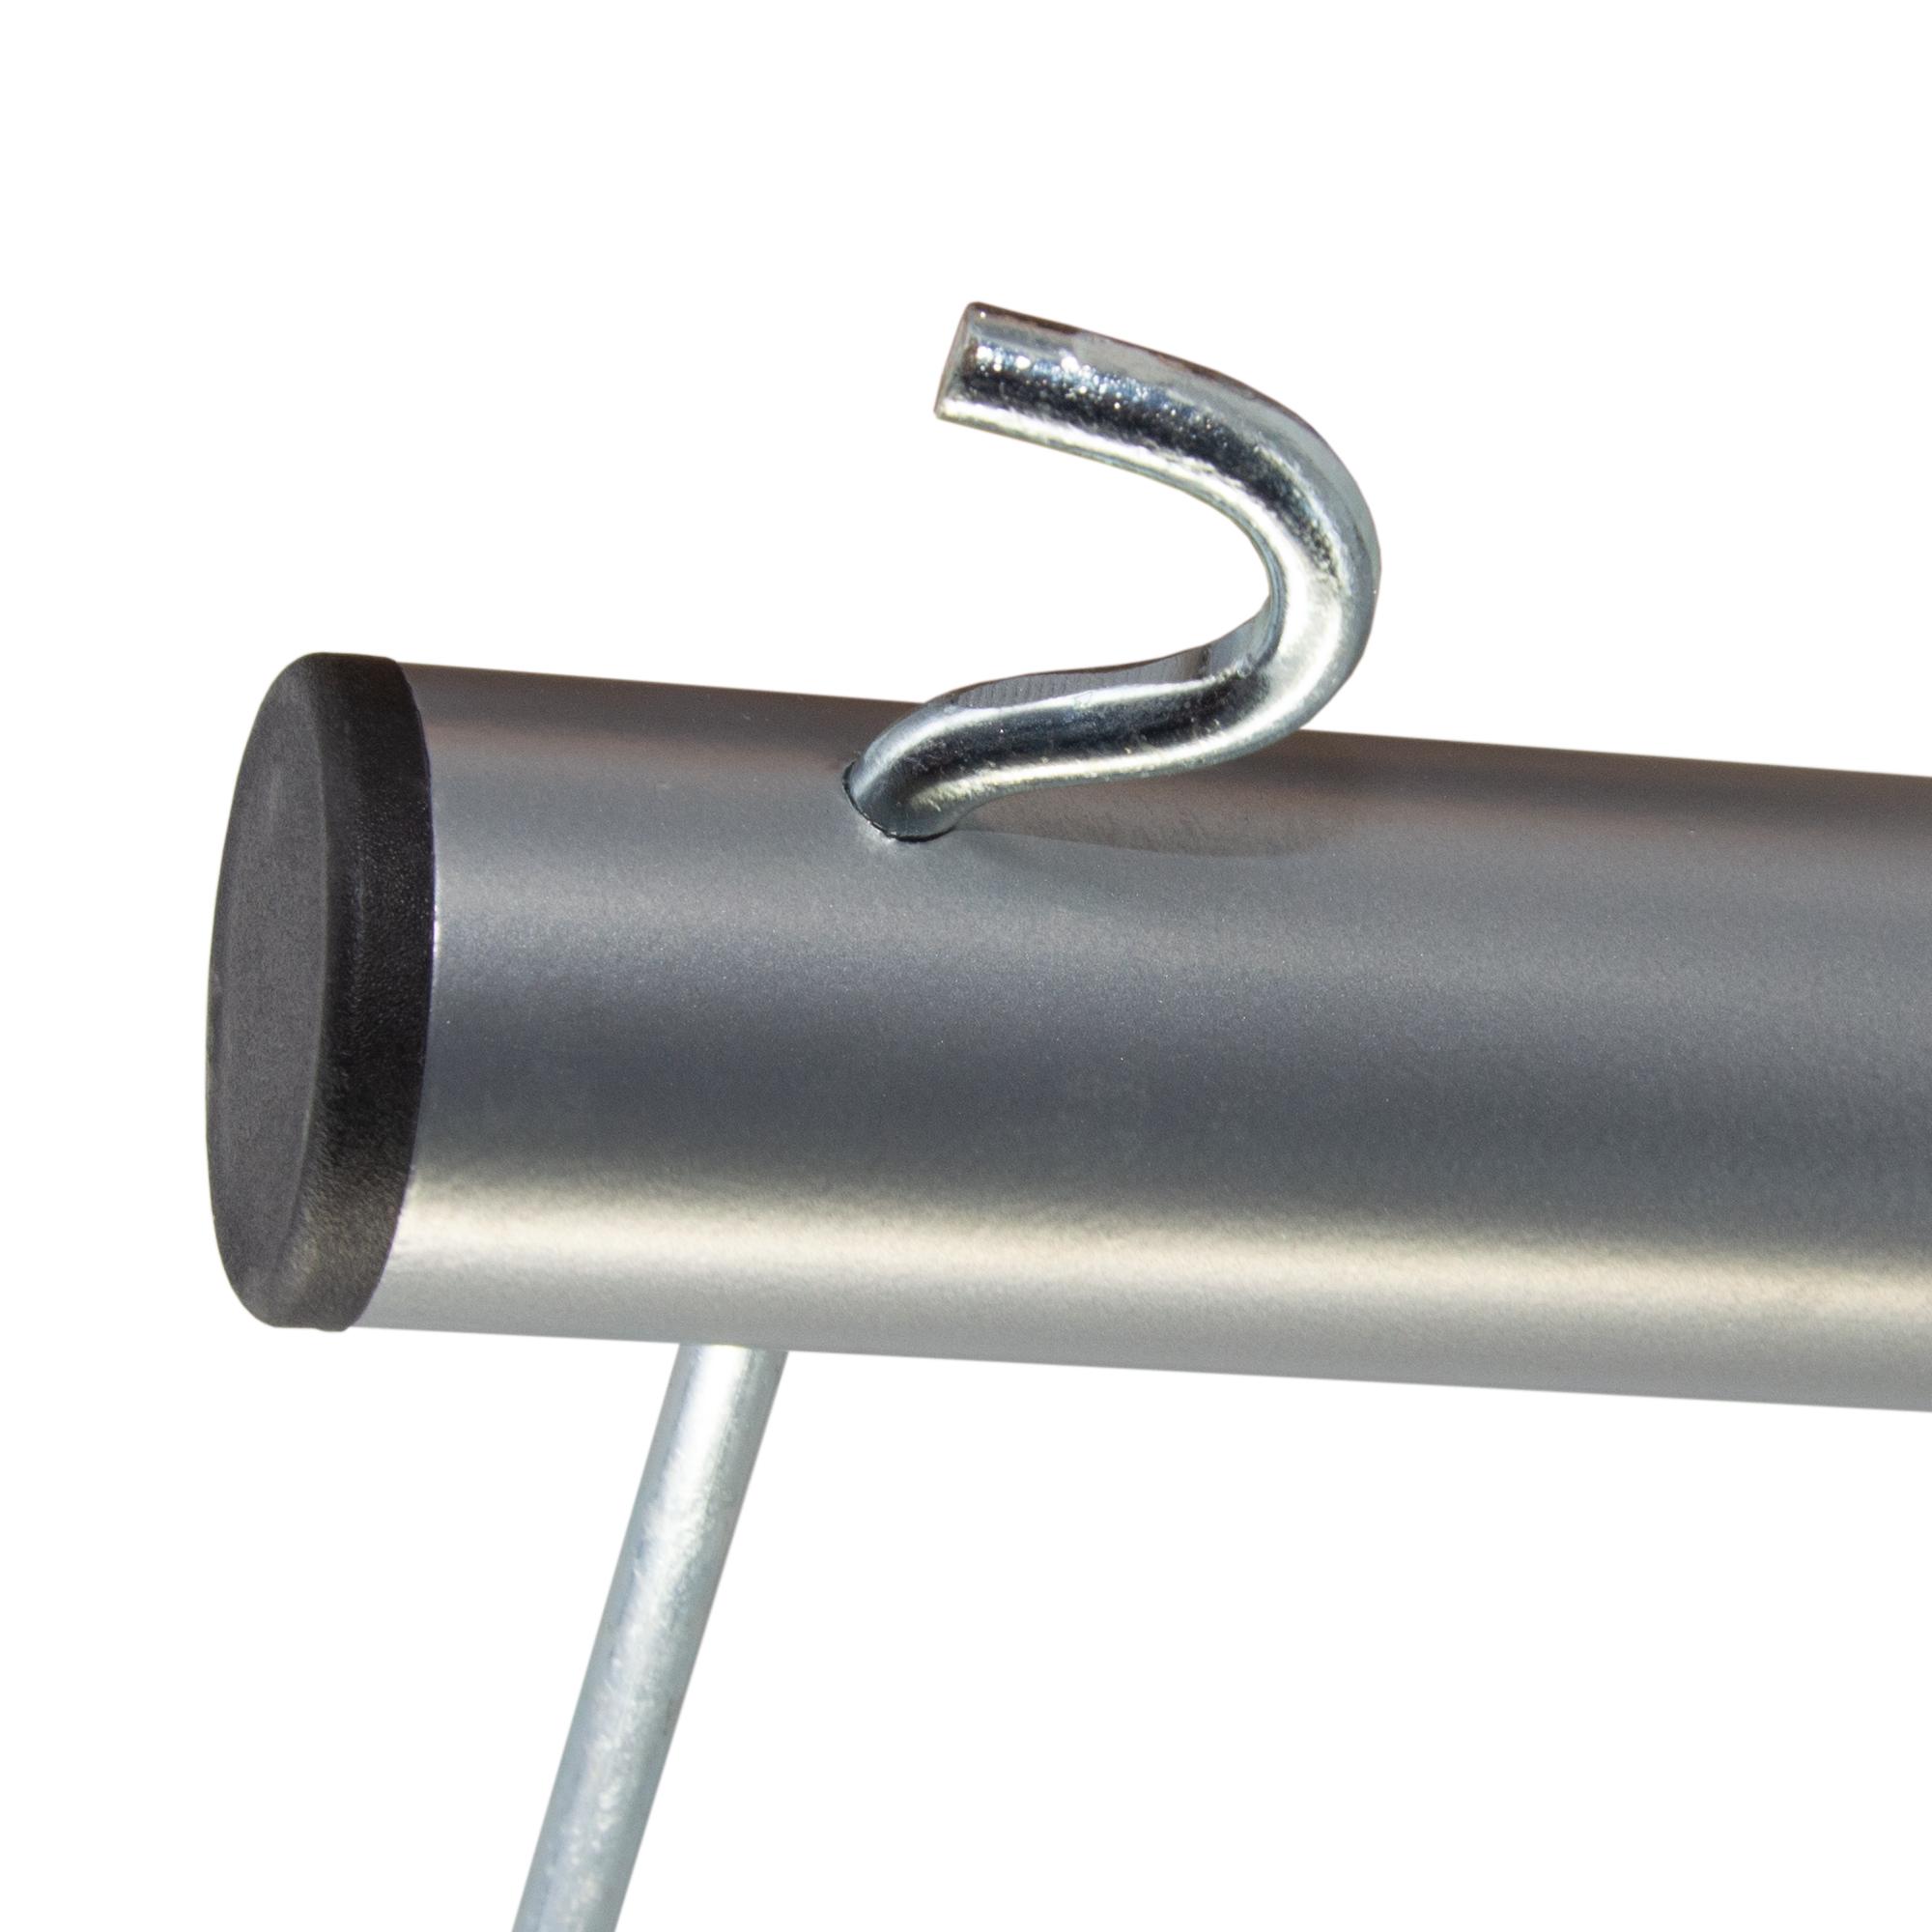 PremiumX Dreibein-Stativ BASIC SILVER Stahl Ø 32mm 120cm Silber SAT Tripod Ständer für Satellitenschüssel bis 85cm Balkon Camping inkl. 3x massive Stahl-Heringe